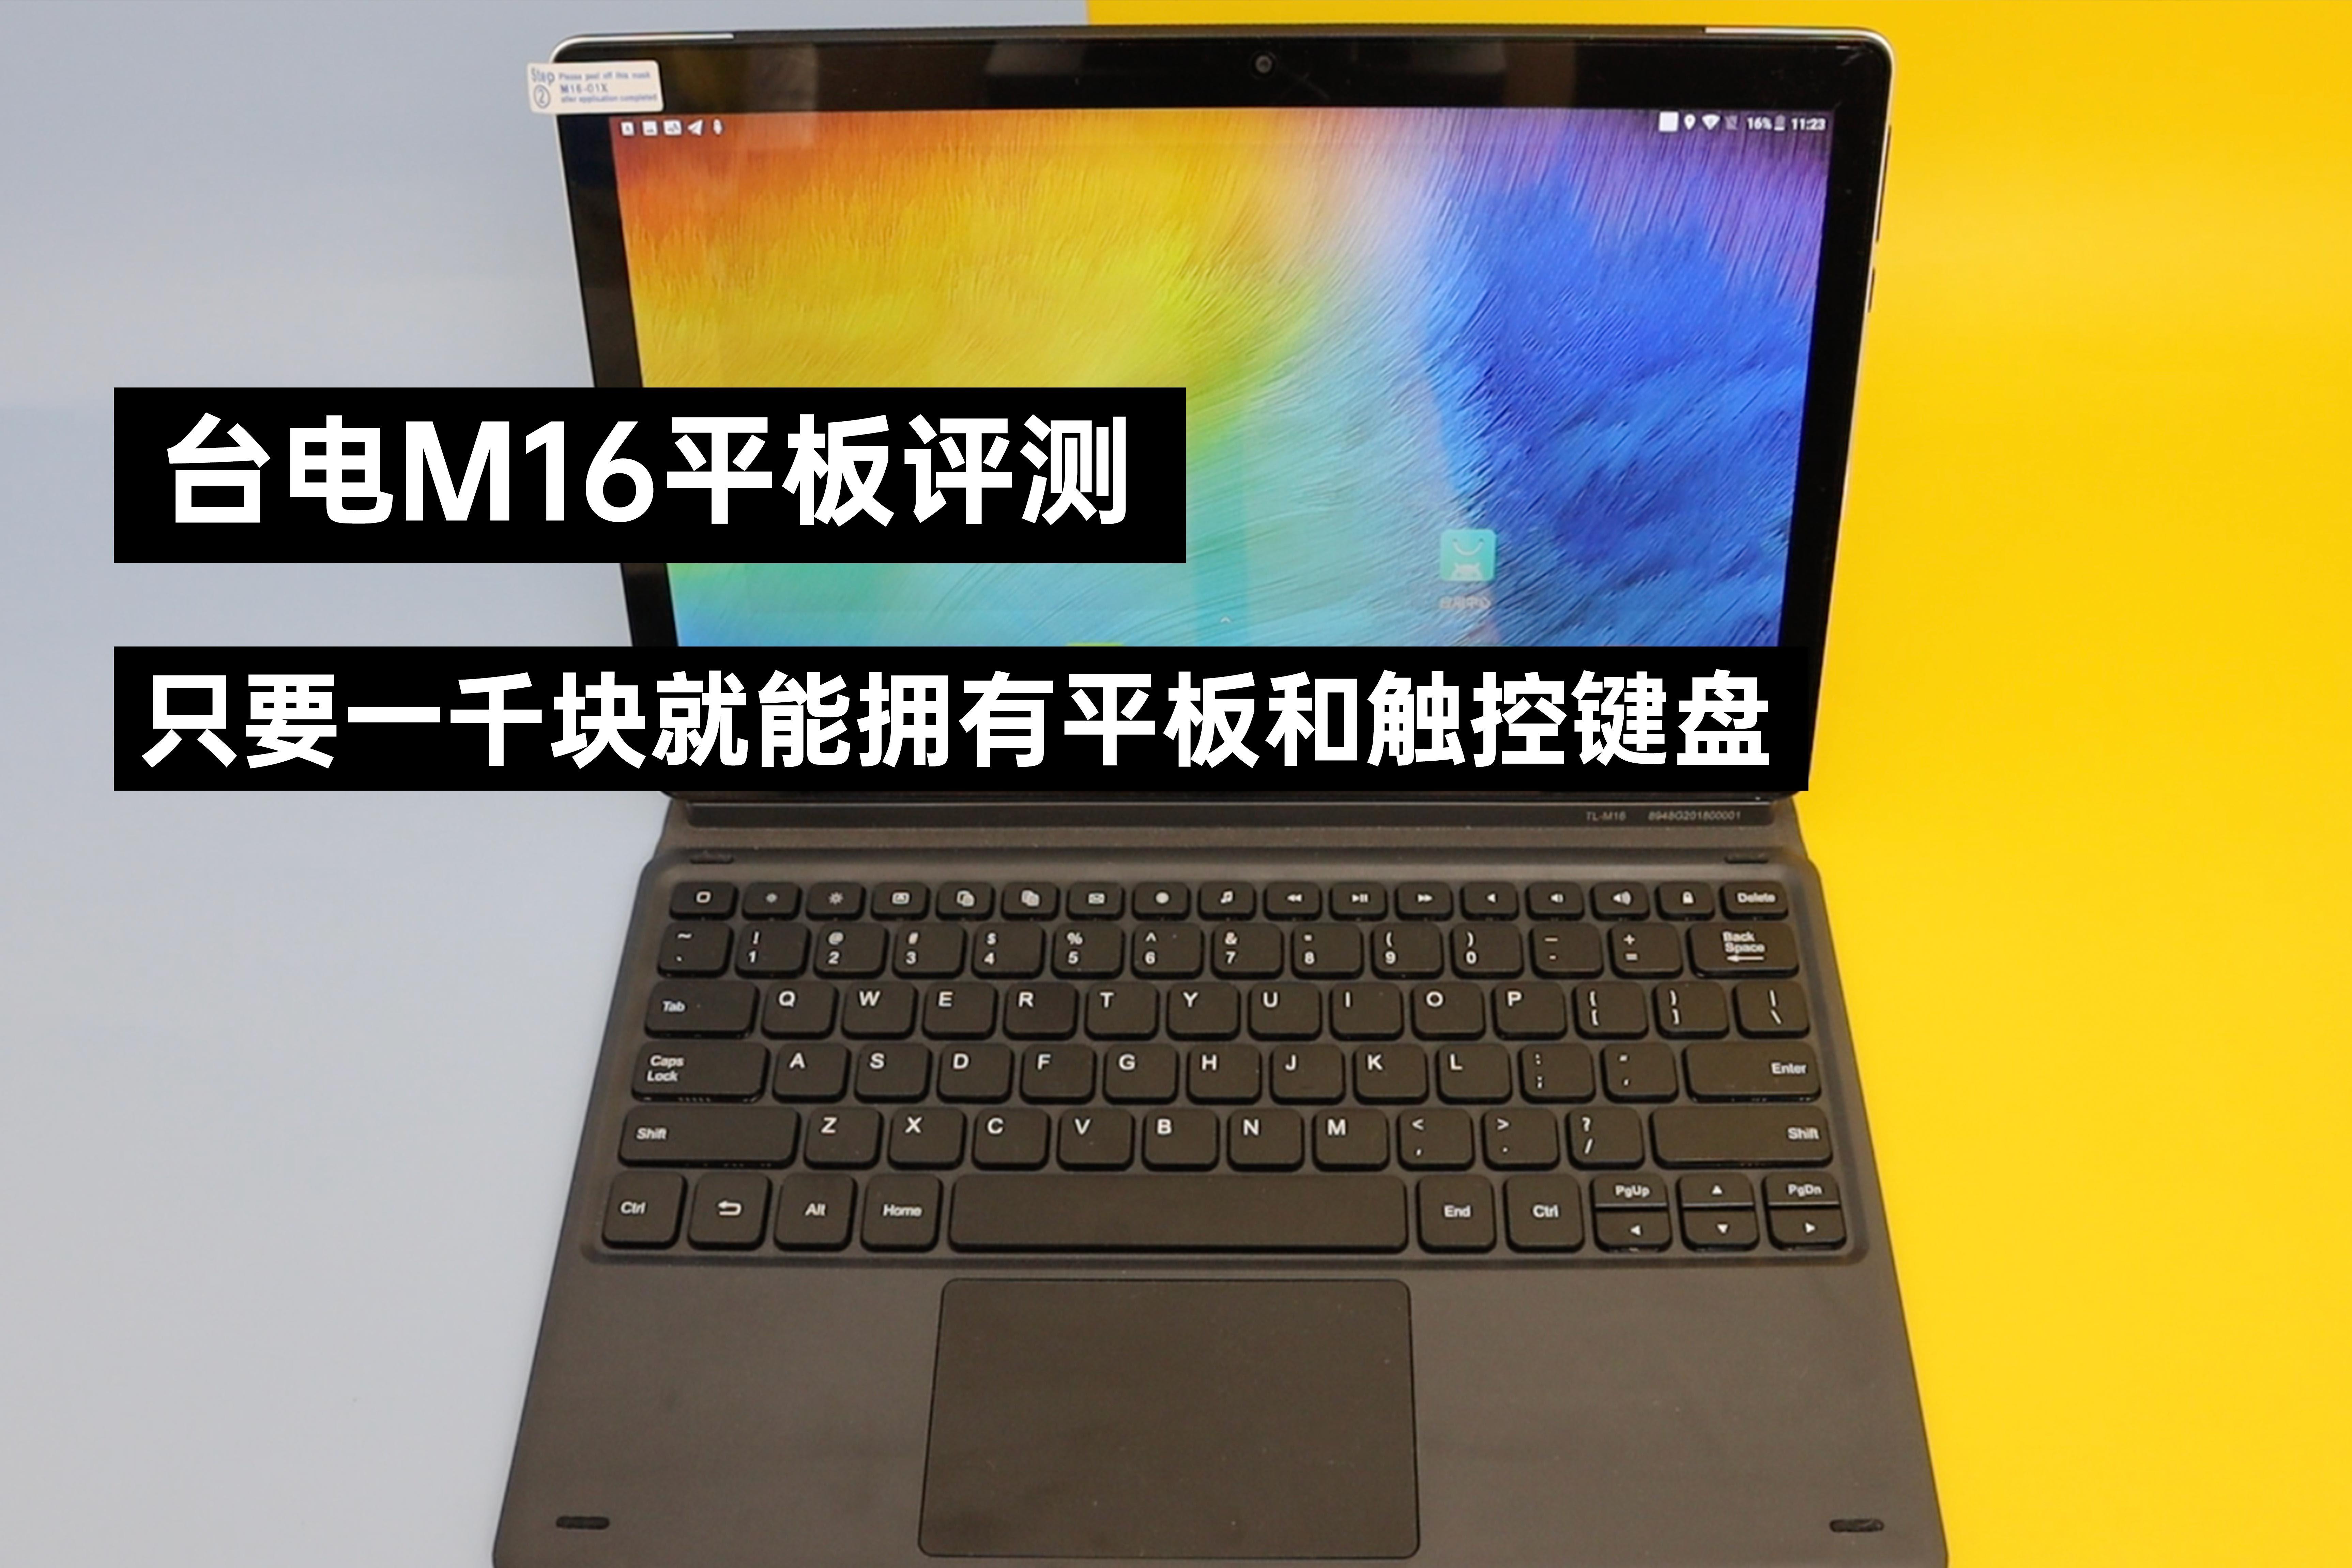 只要一千块就能拥有平板和触控键盘